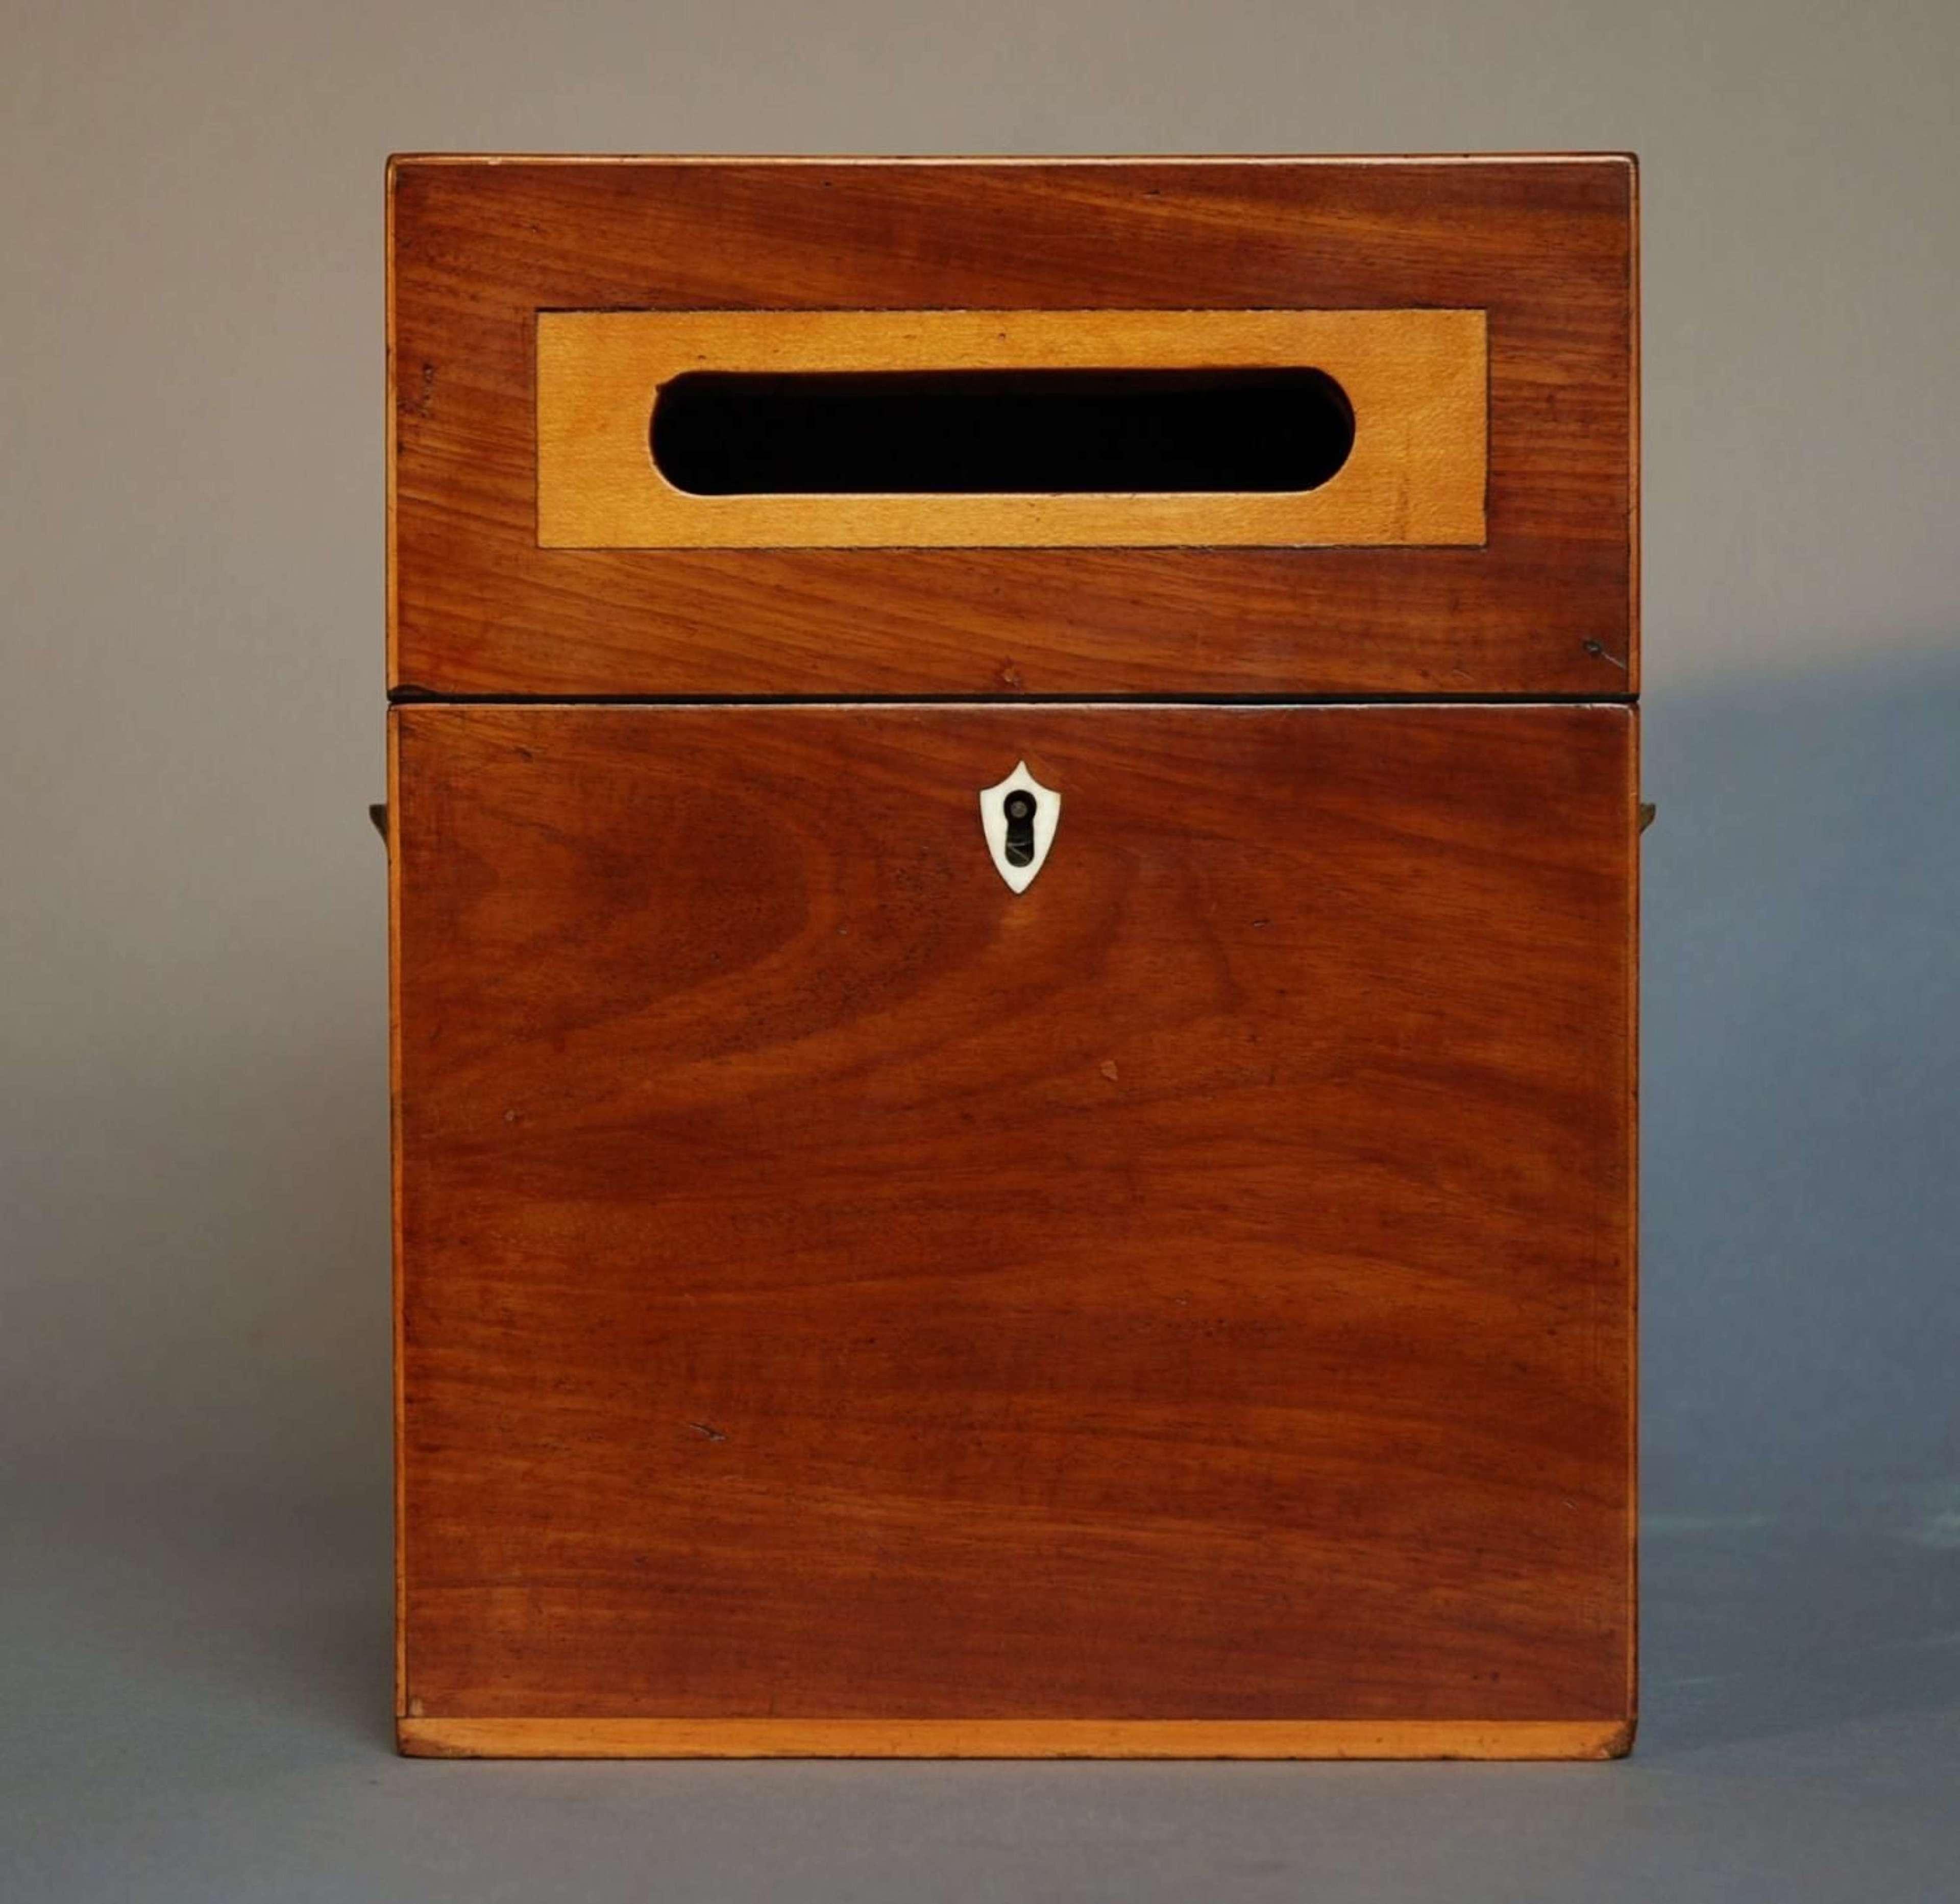 18thc mahogany post box